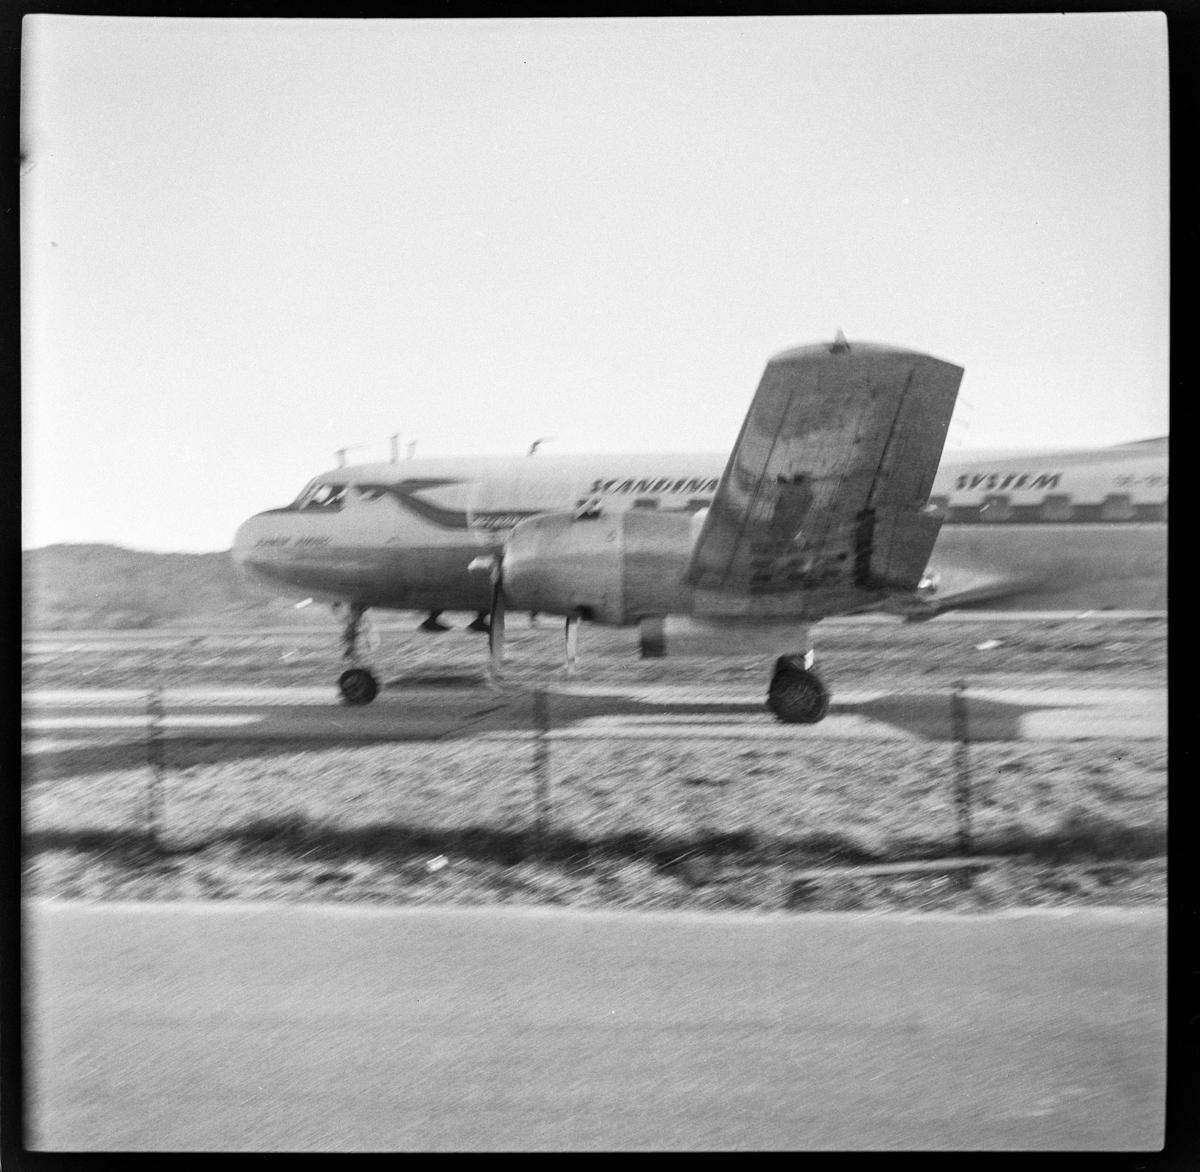 DC3-fly fra SAS, antakelig på Kjevik flyplass